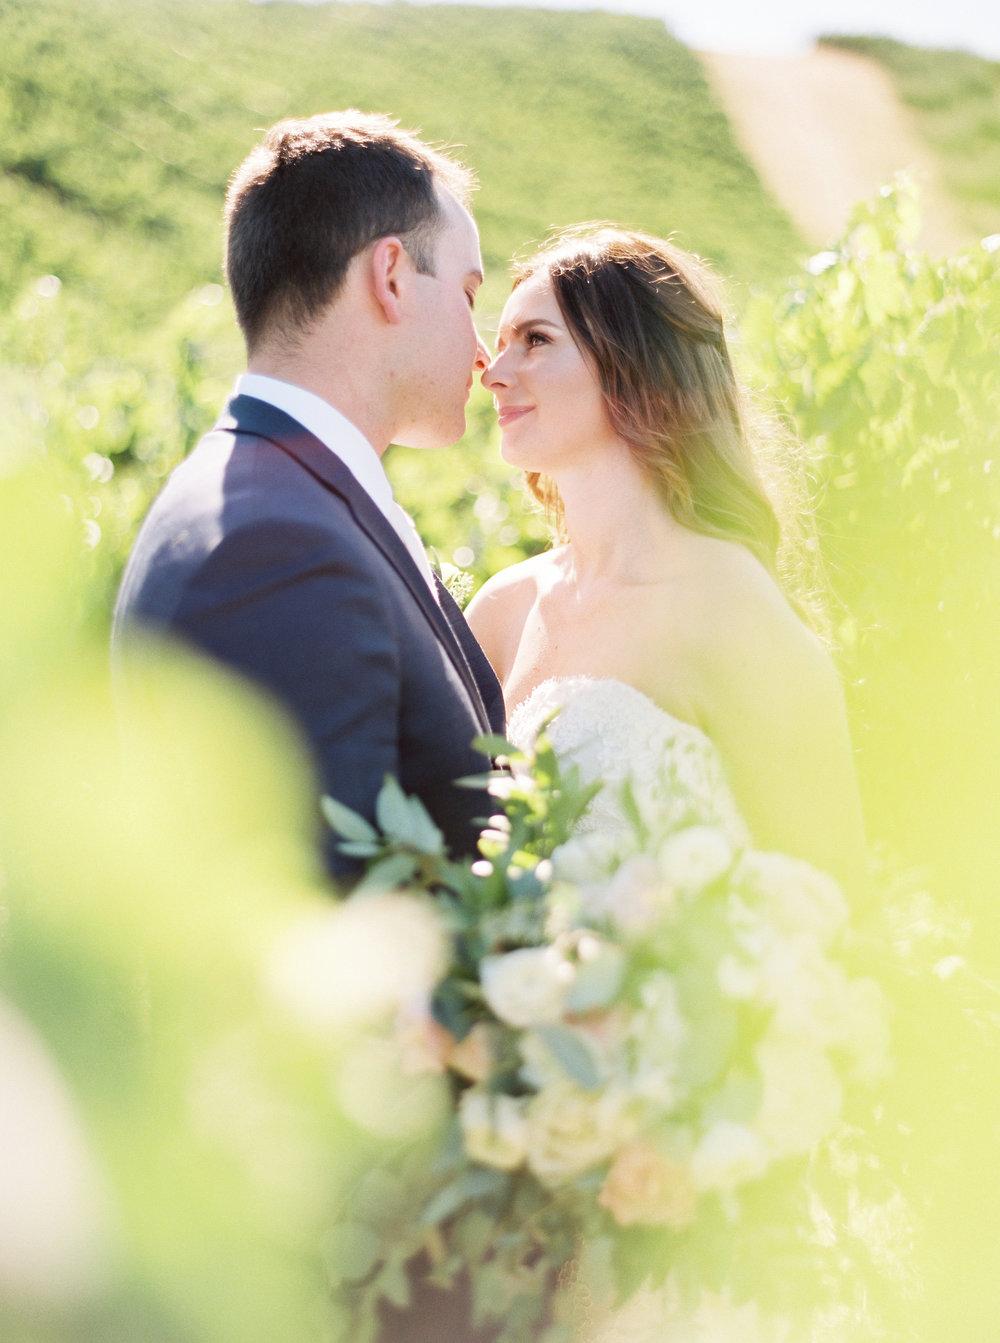 muriettas-well-wedding-in-livermore-california-133.jpg